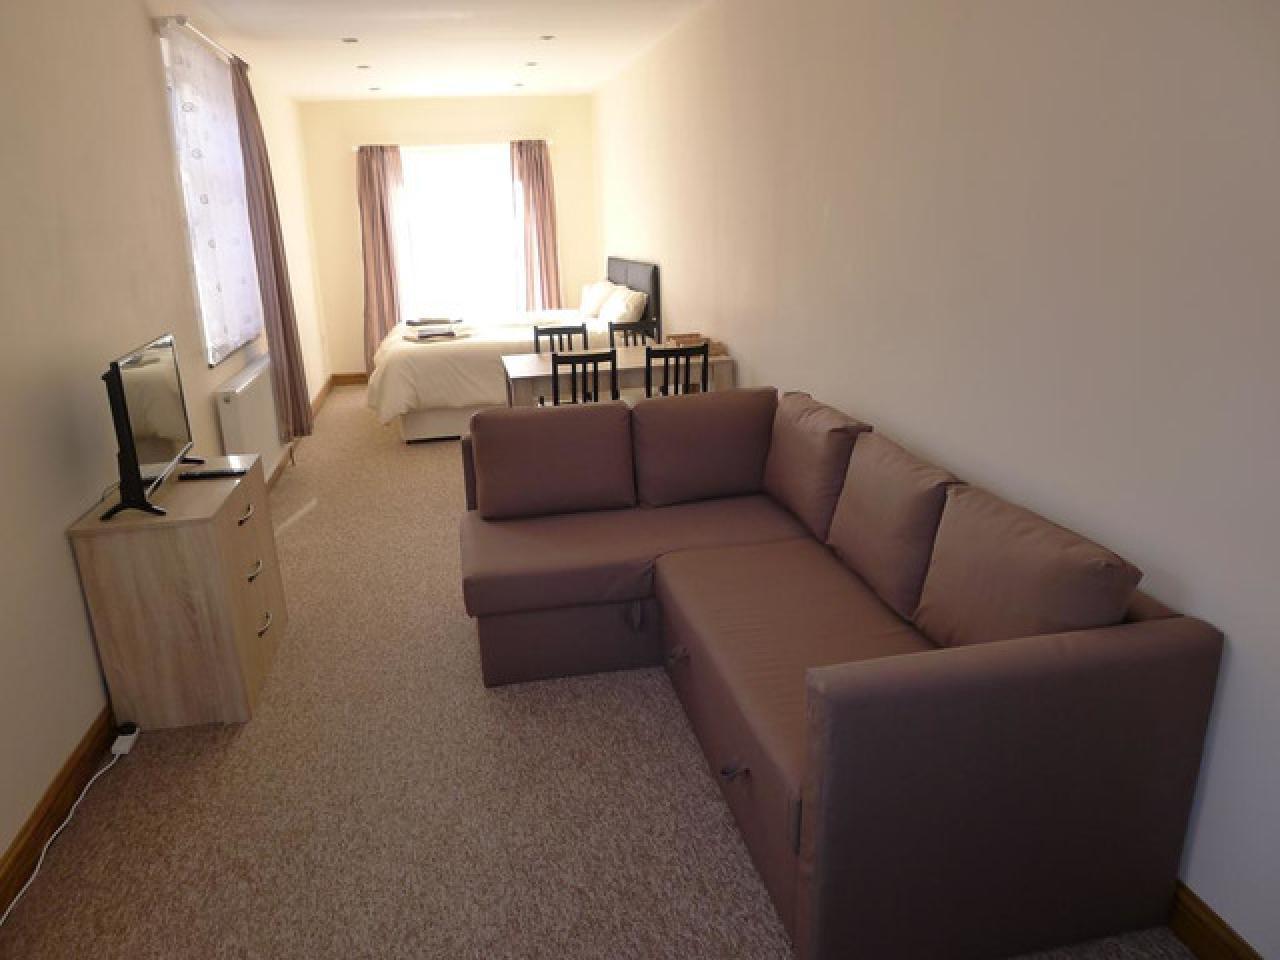 Требуется работоспособная уборщица в новый мини отель, хорошие условия - 6